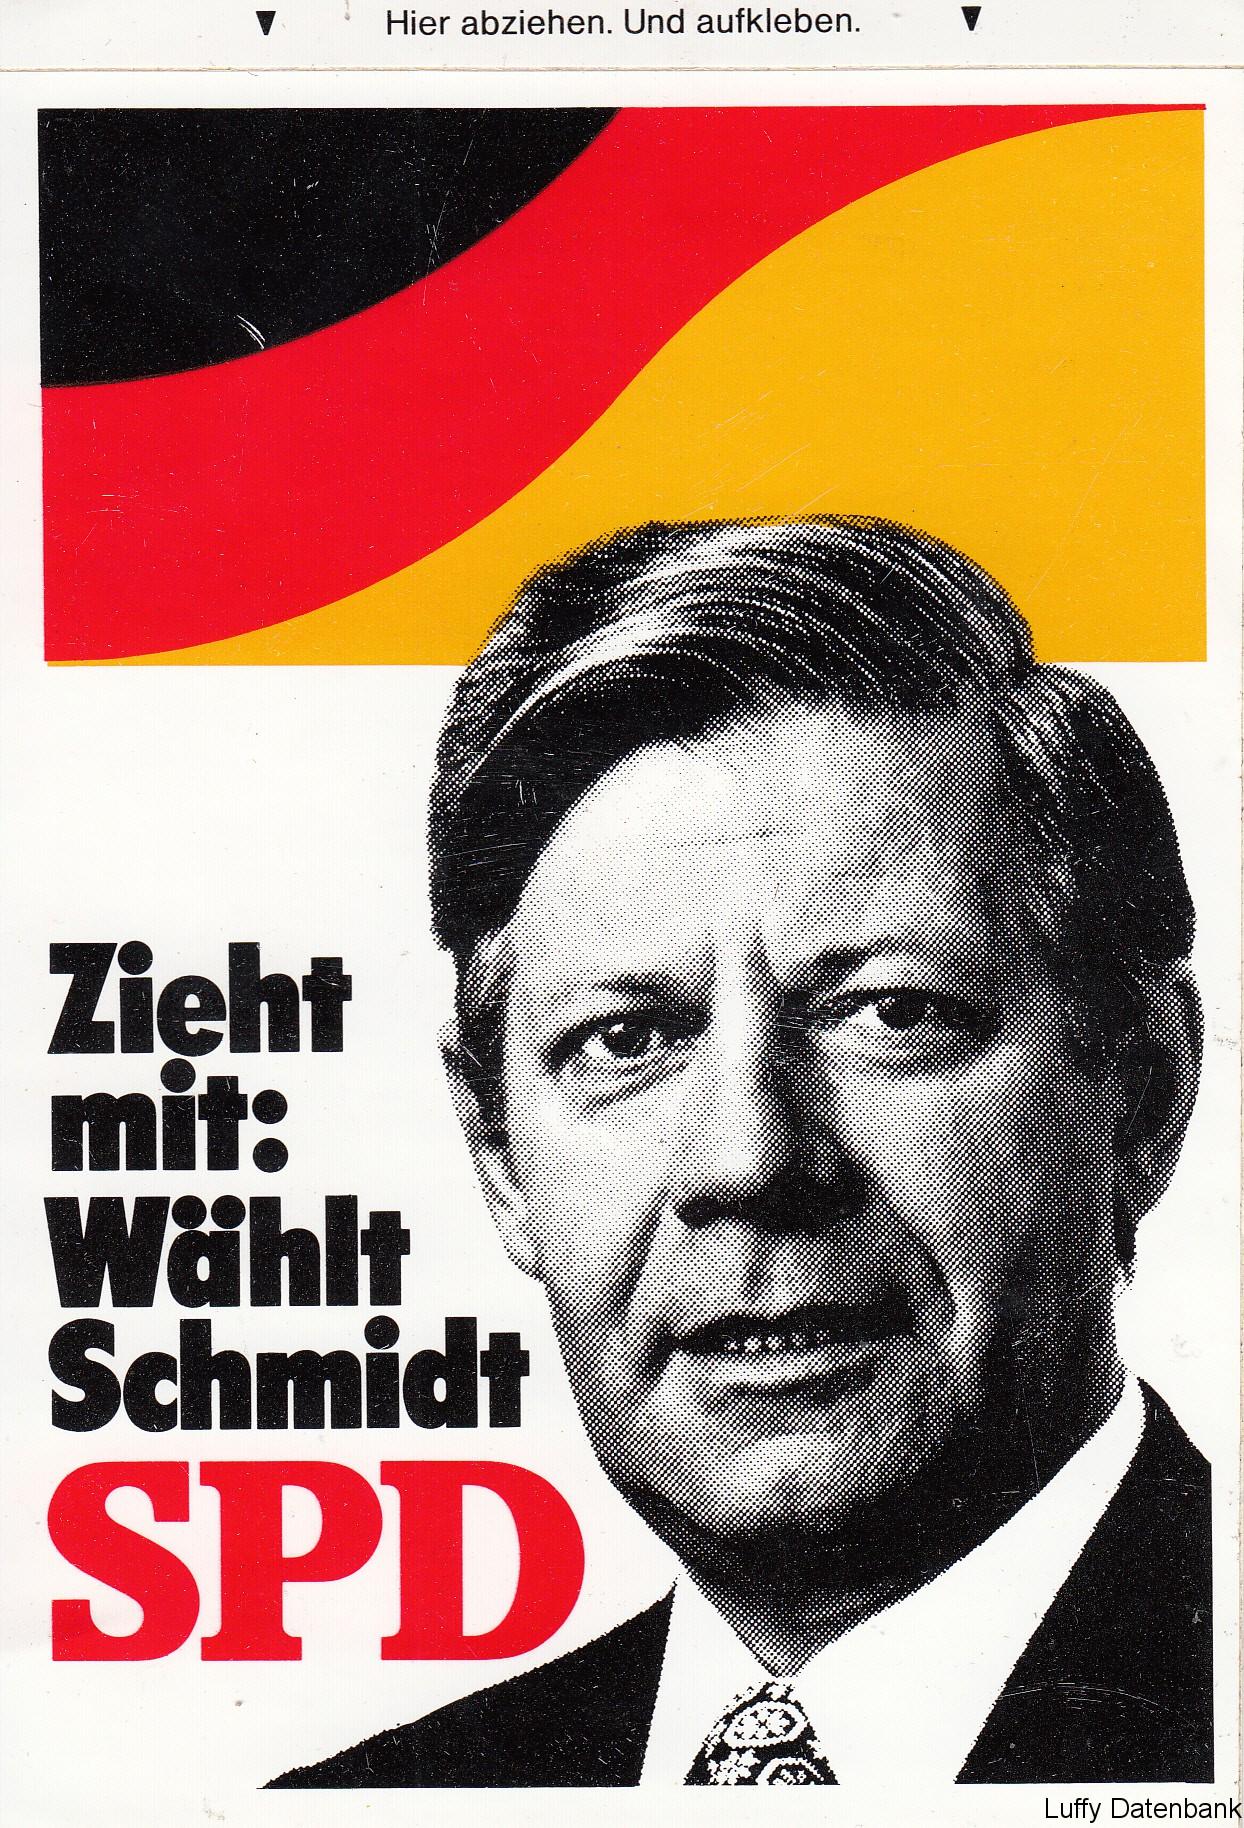 Spd Schmidt